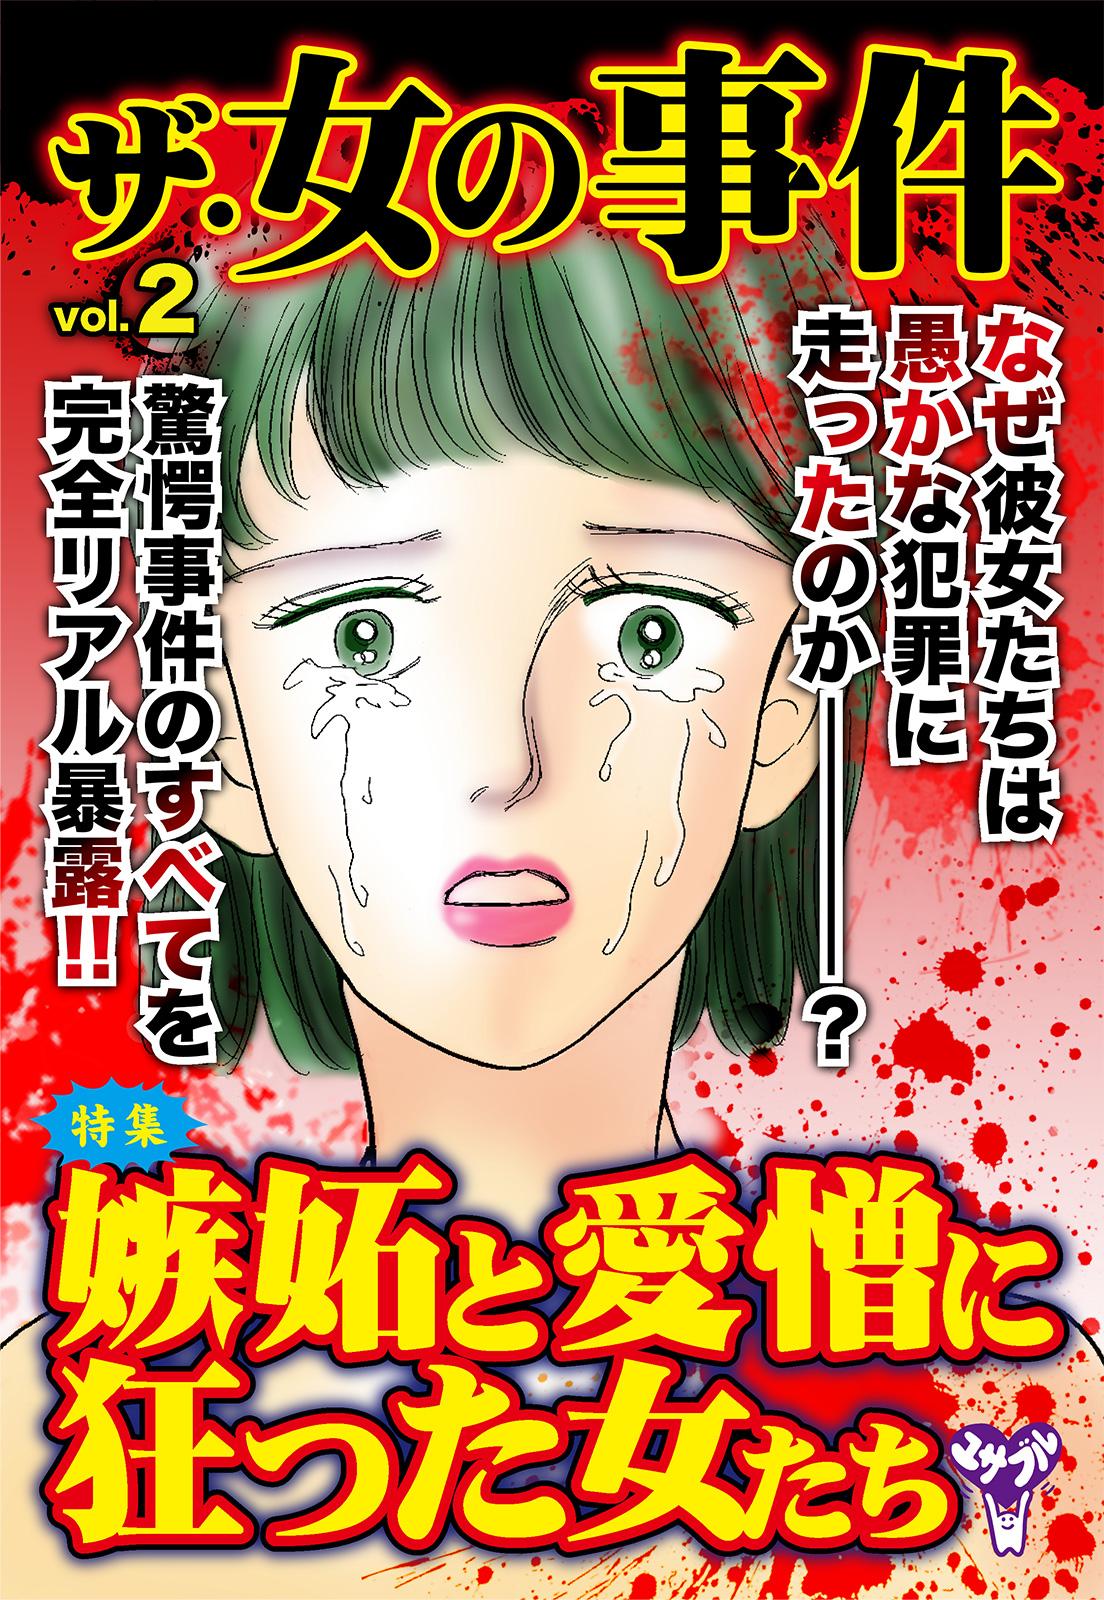 ザ・女の事件Vol.2(ブス4人組鉄パイプ暴行リンチ殺人事件)